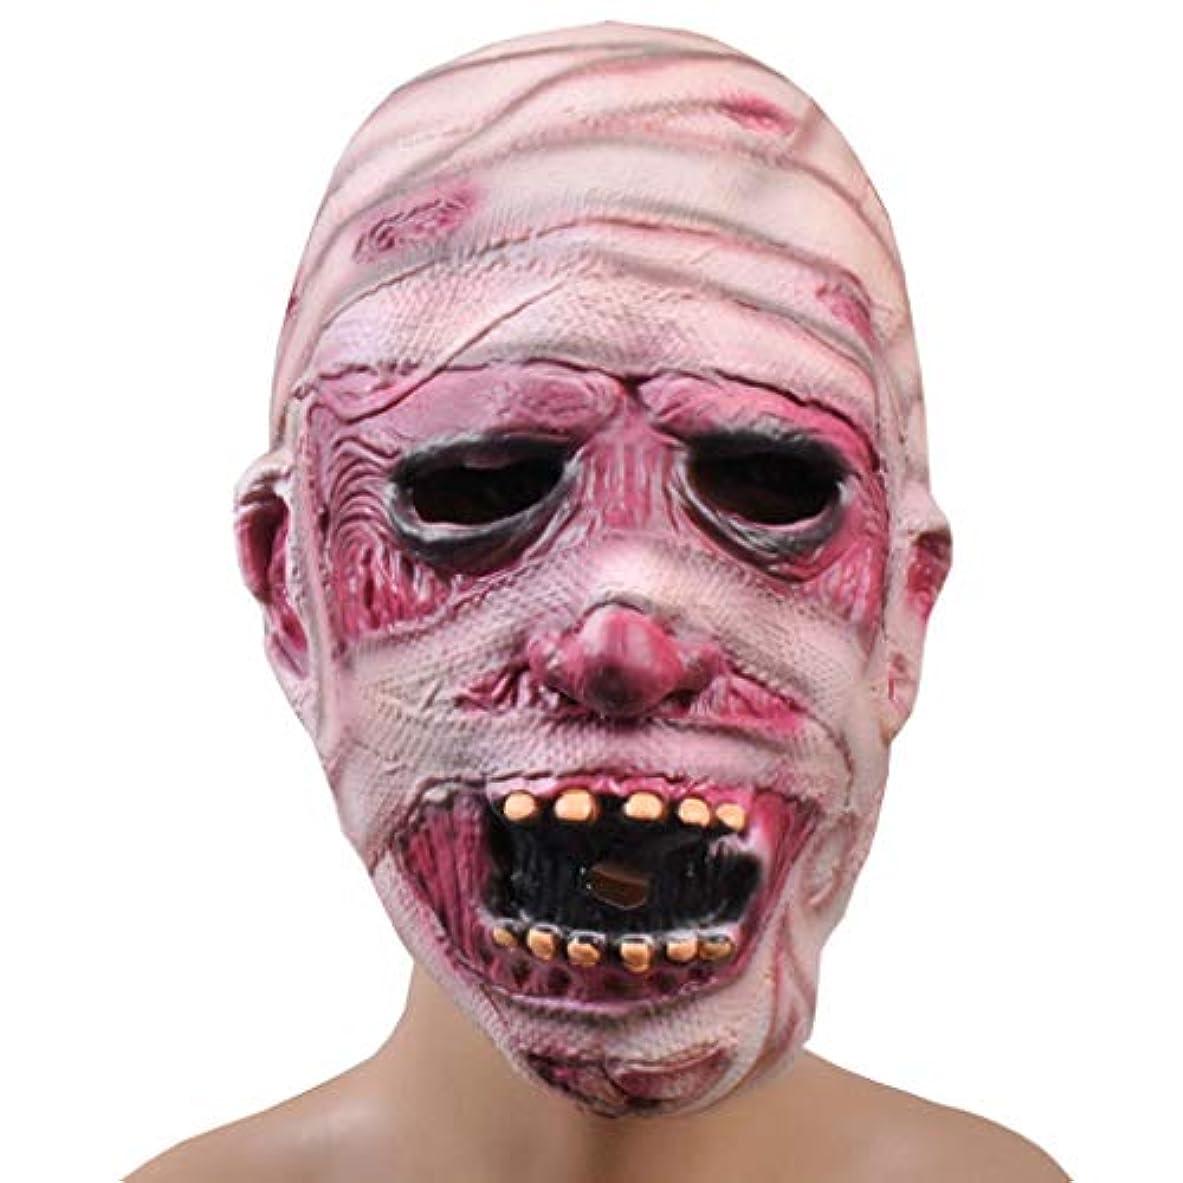 アラバマ実り多い不条理ハロウィンホラーしかめっ面マスクゴーストフェスティバルラテックスマスクホラー怖いマスクゴーストゾンビミイラマスク (Color : A)